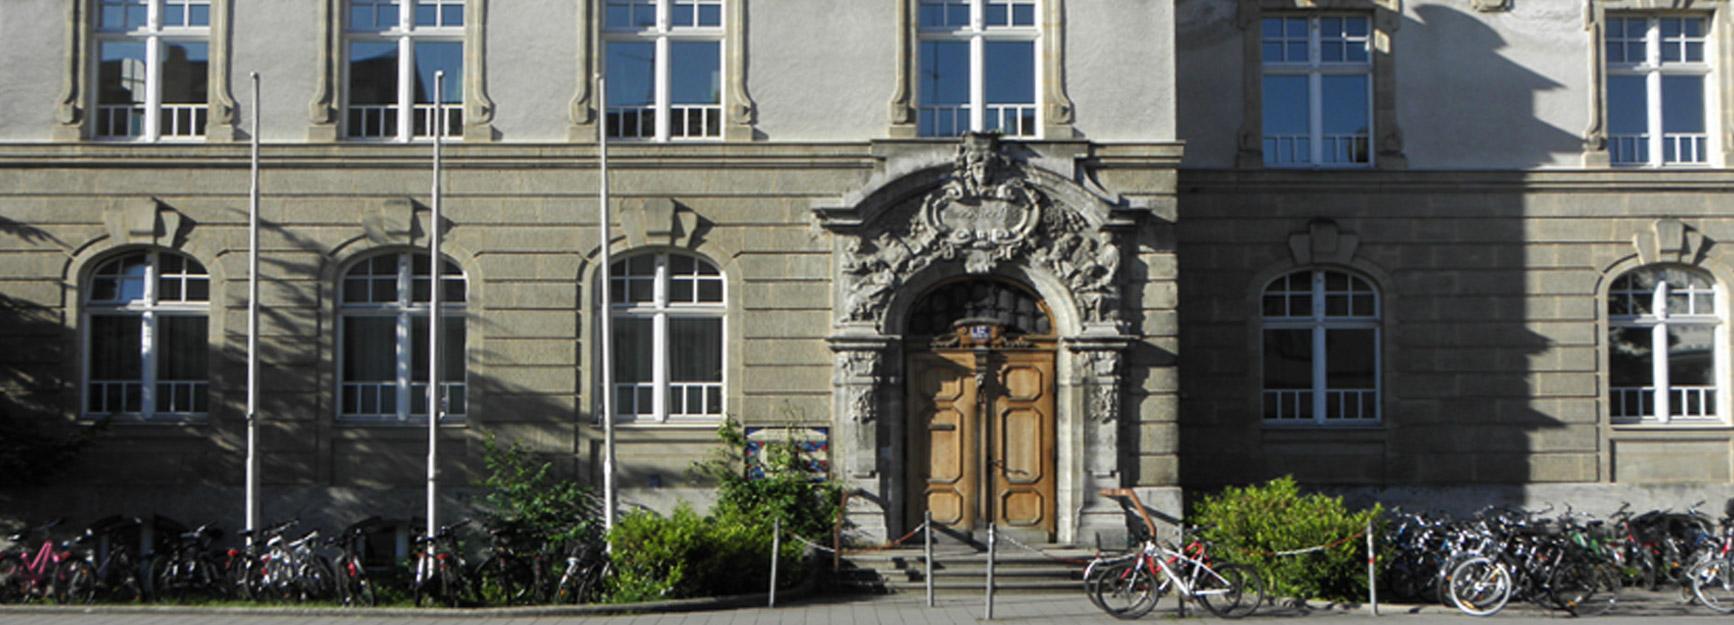 Abschlusssprüche Realschule Abschlusssprüche Realschule Bnbnews Co